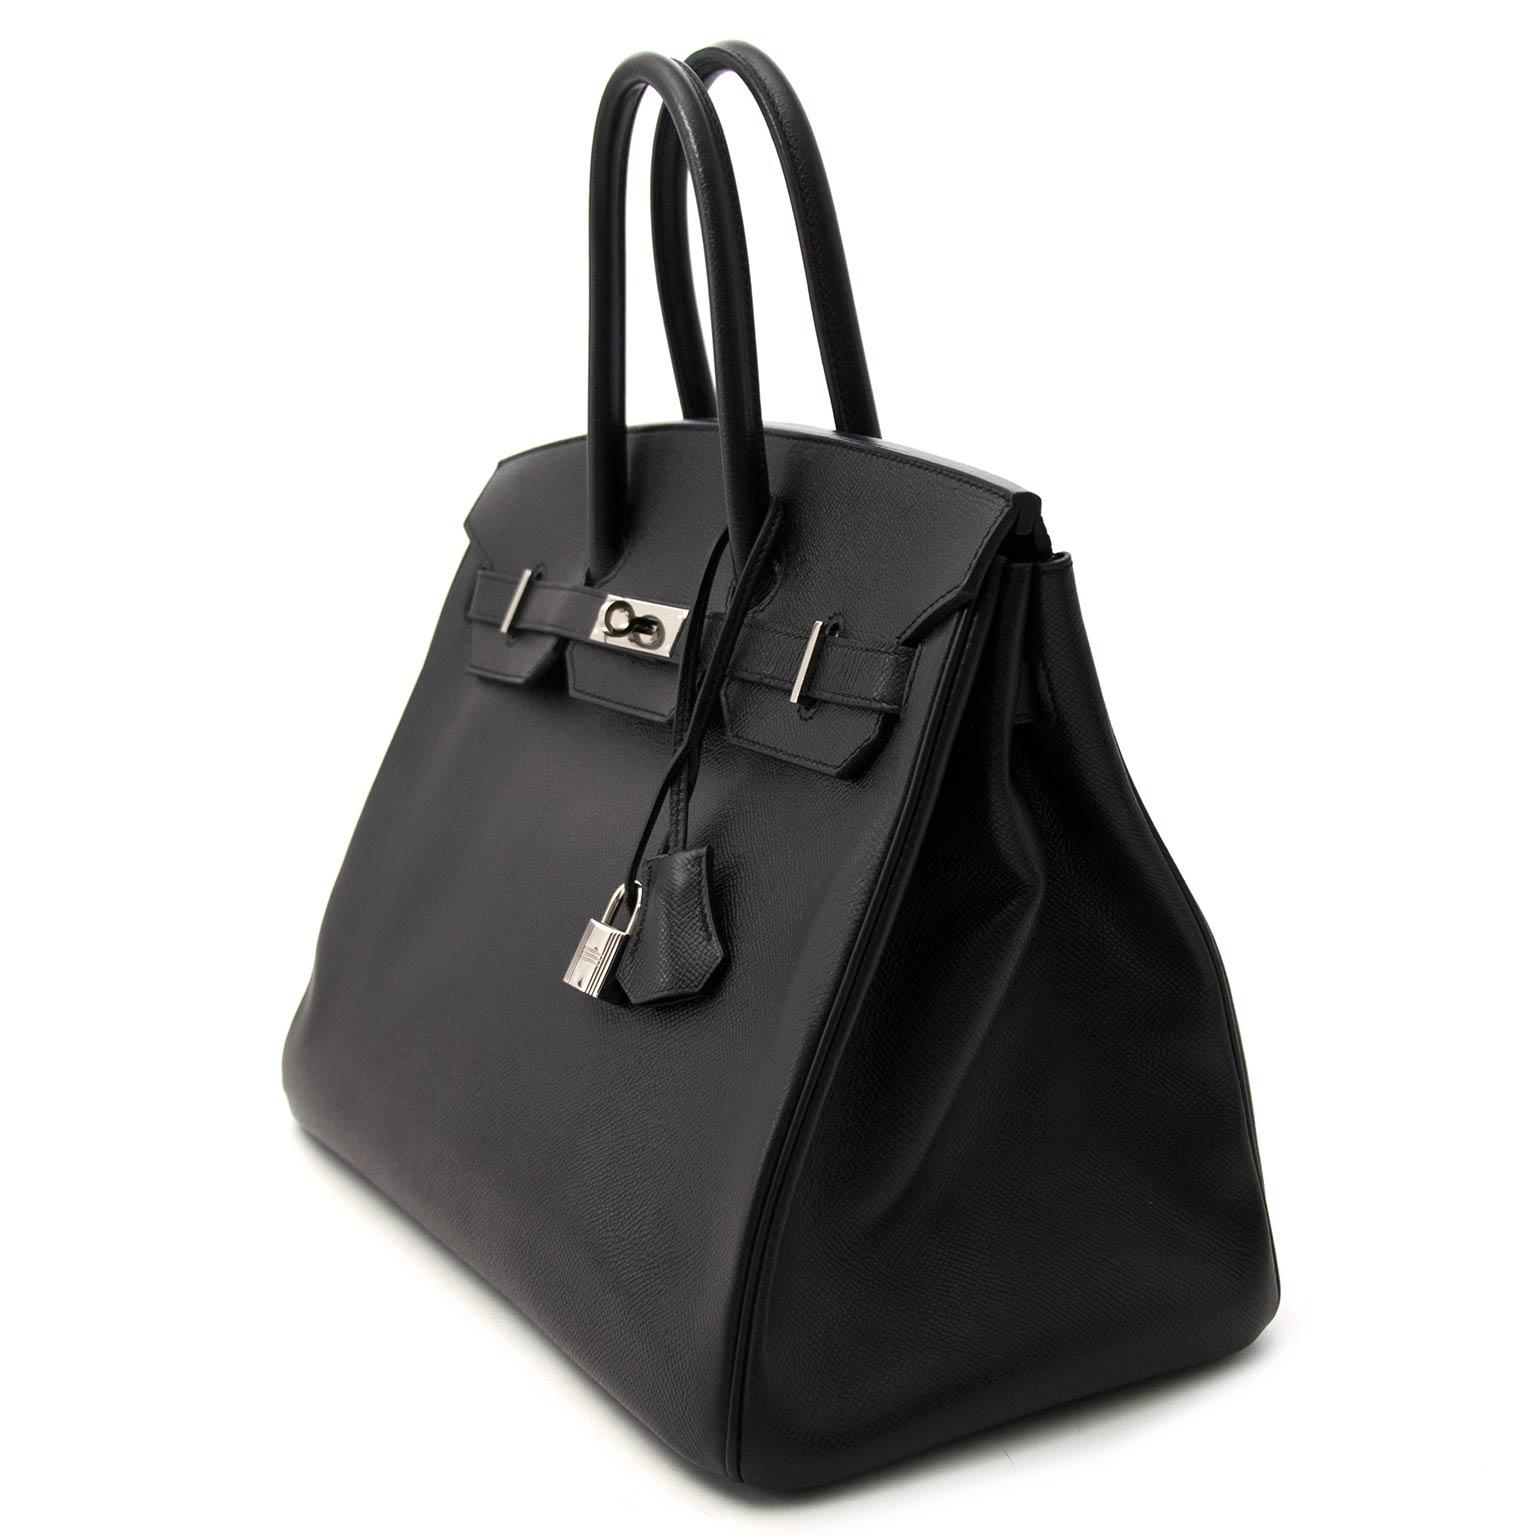 acheter en ligne pour le meilleur prix Hermès Birkin 35 black epsom PHW